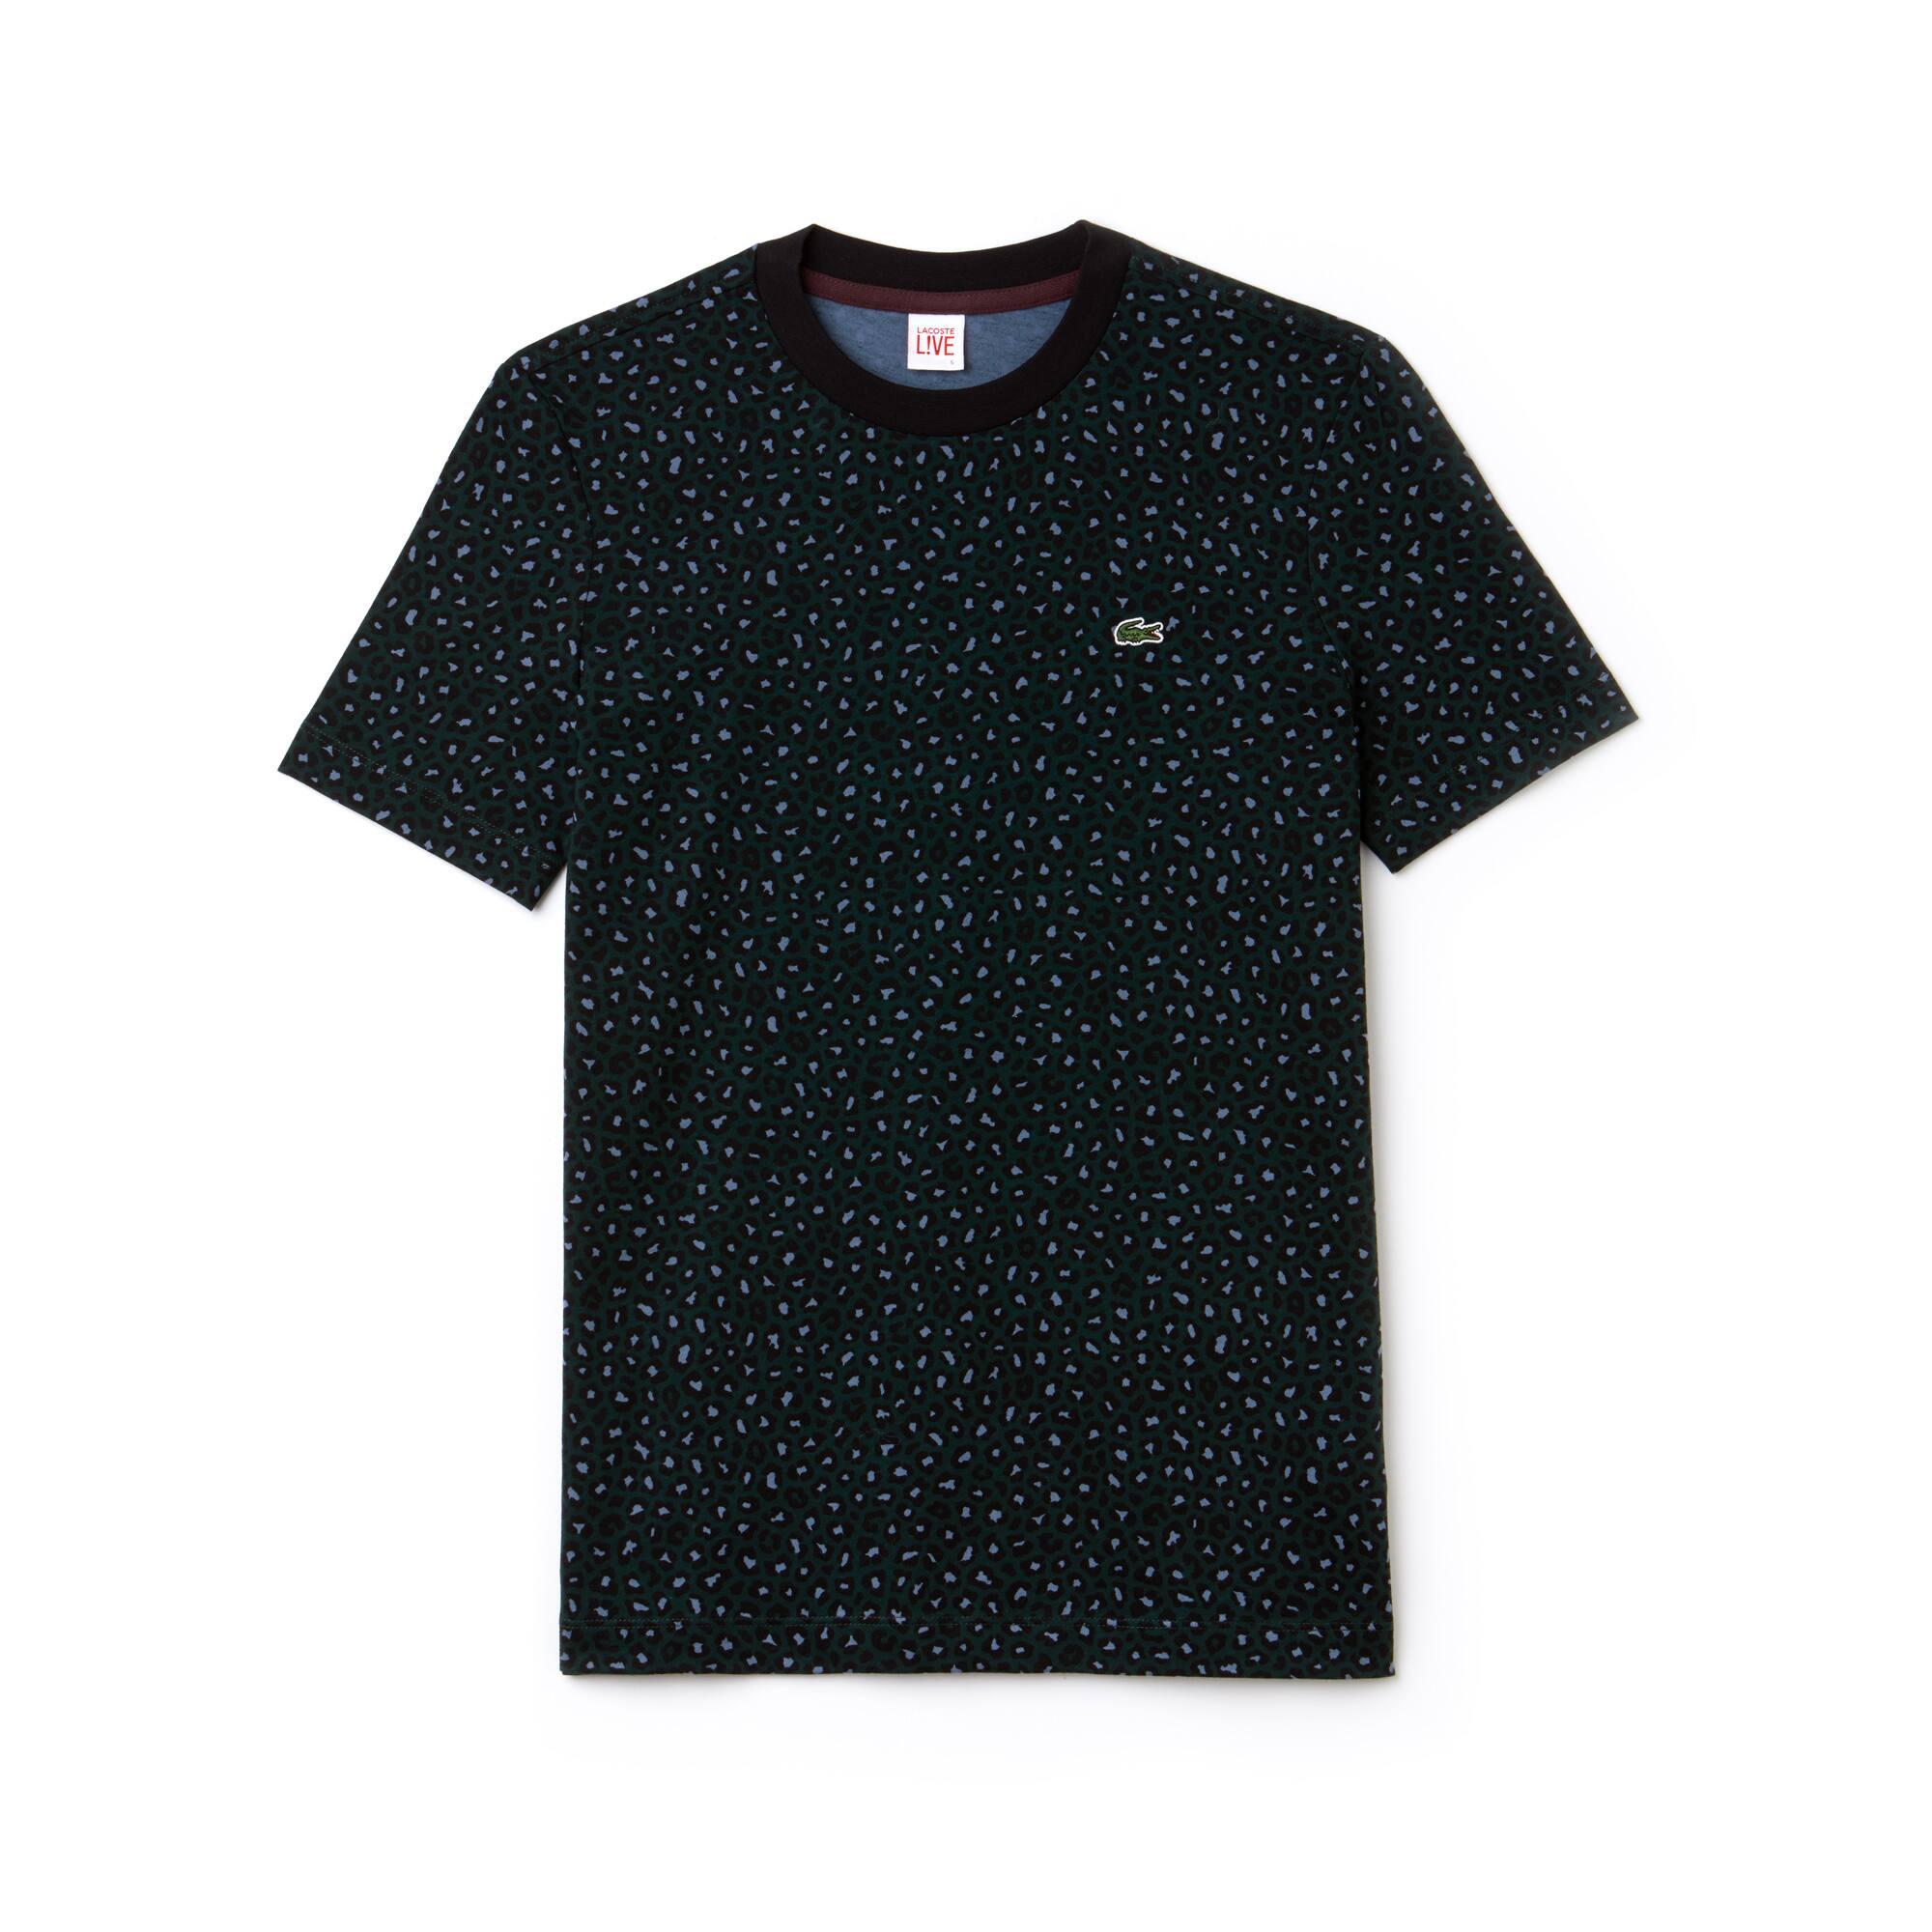 Men's Lacoste LIVE Crew Neck Leopard Print Jersey T-shirt